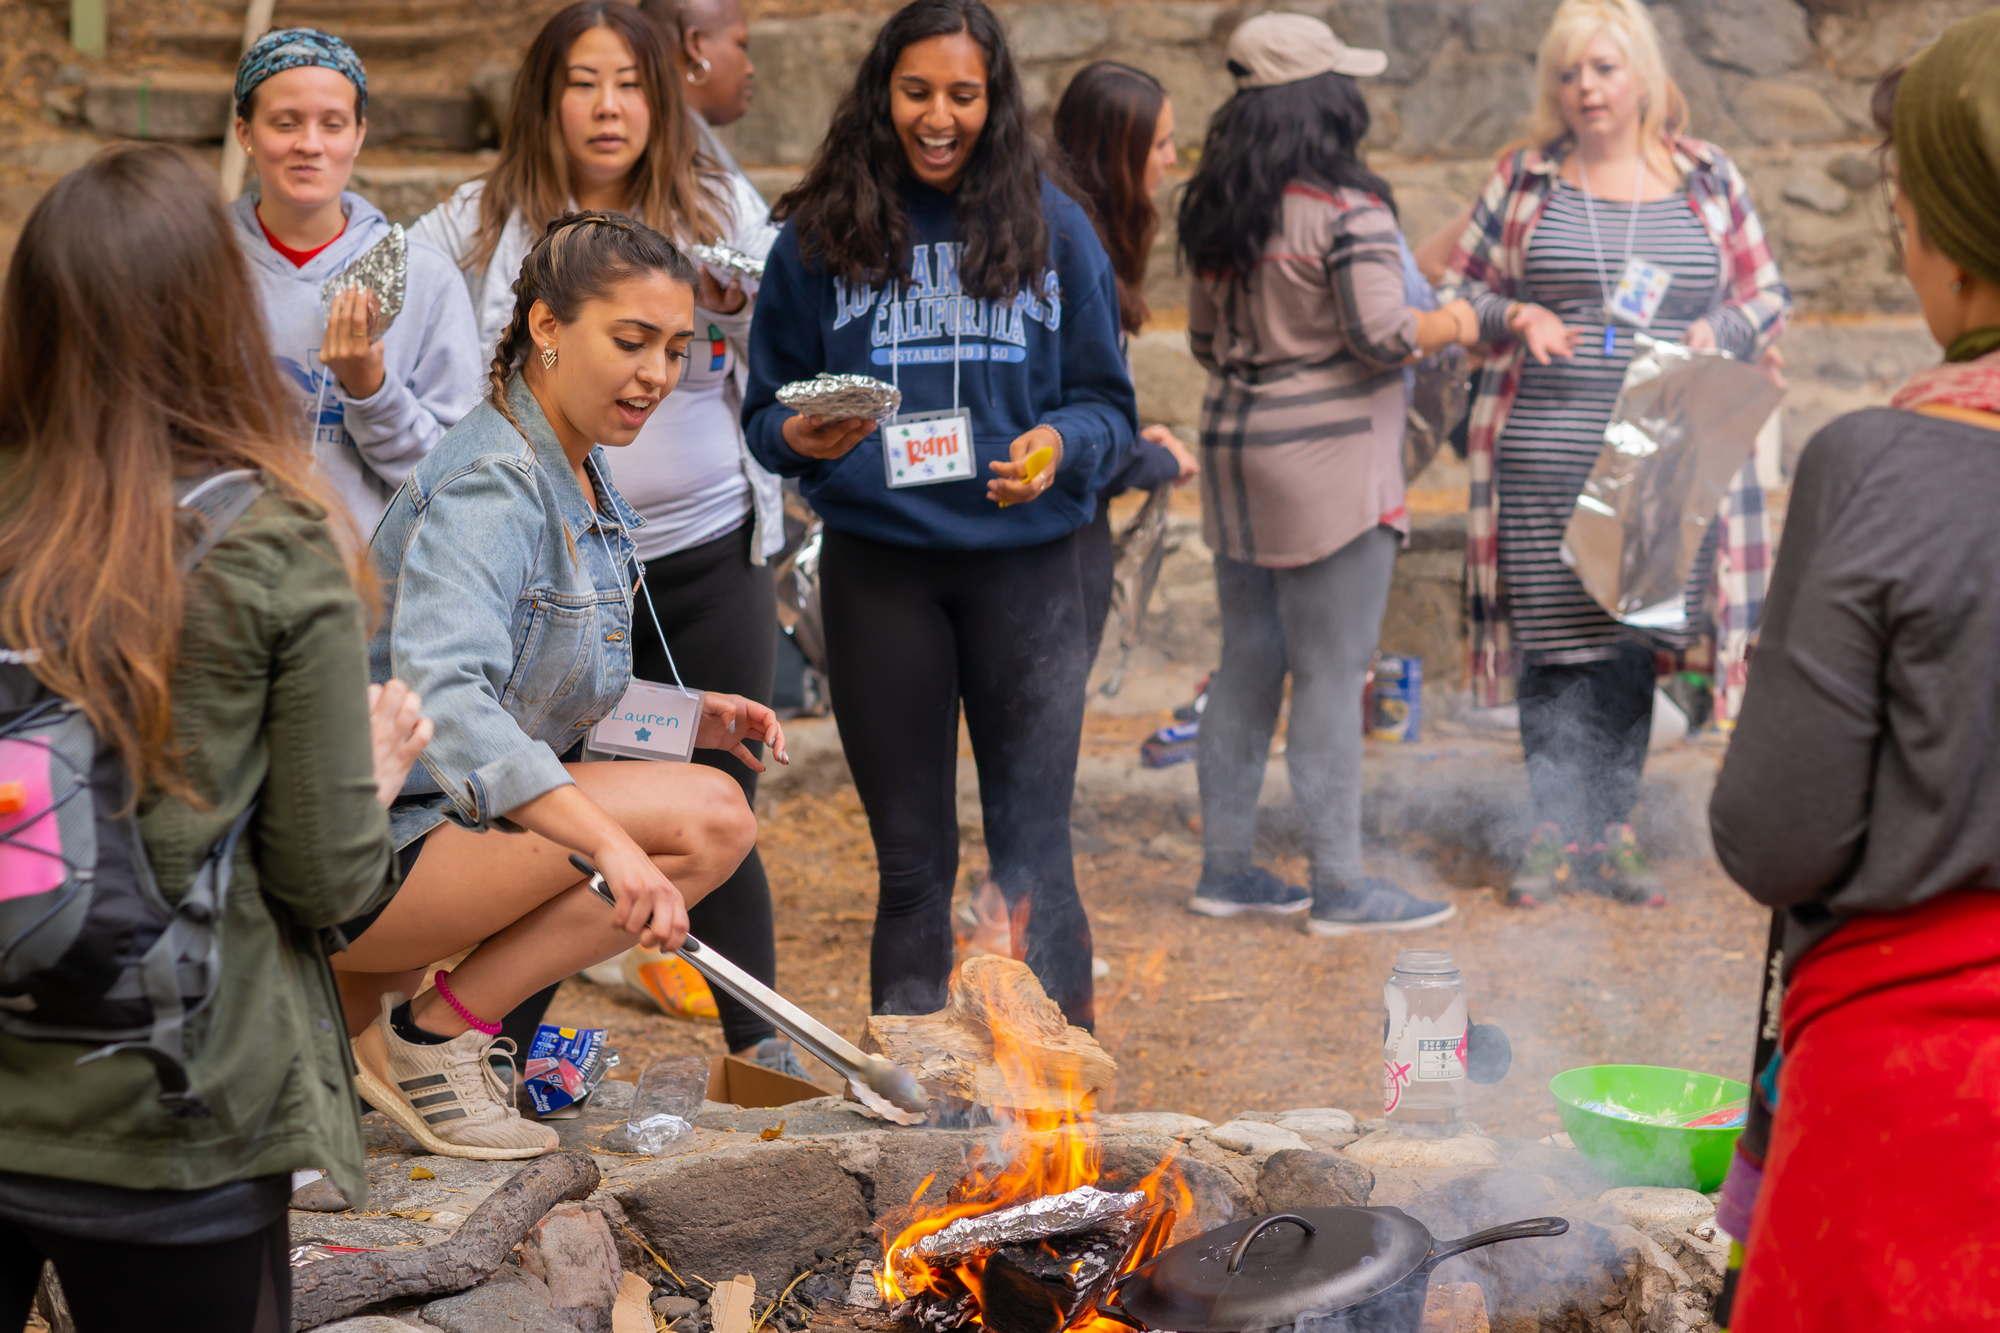 Camp HEAL 2019: Camp Cooking with Kara Hardman